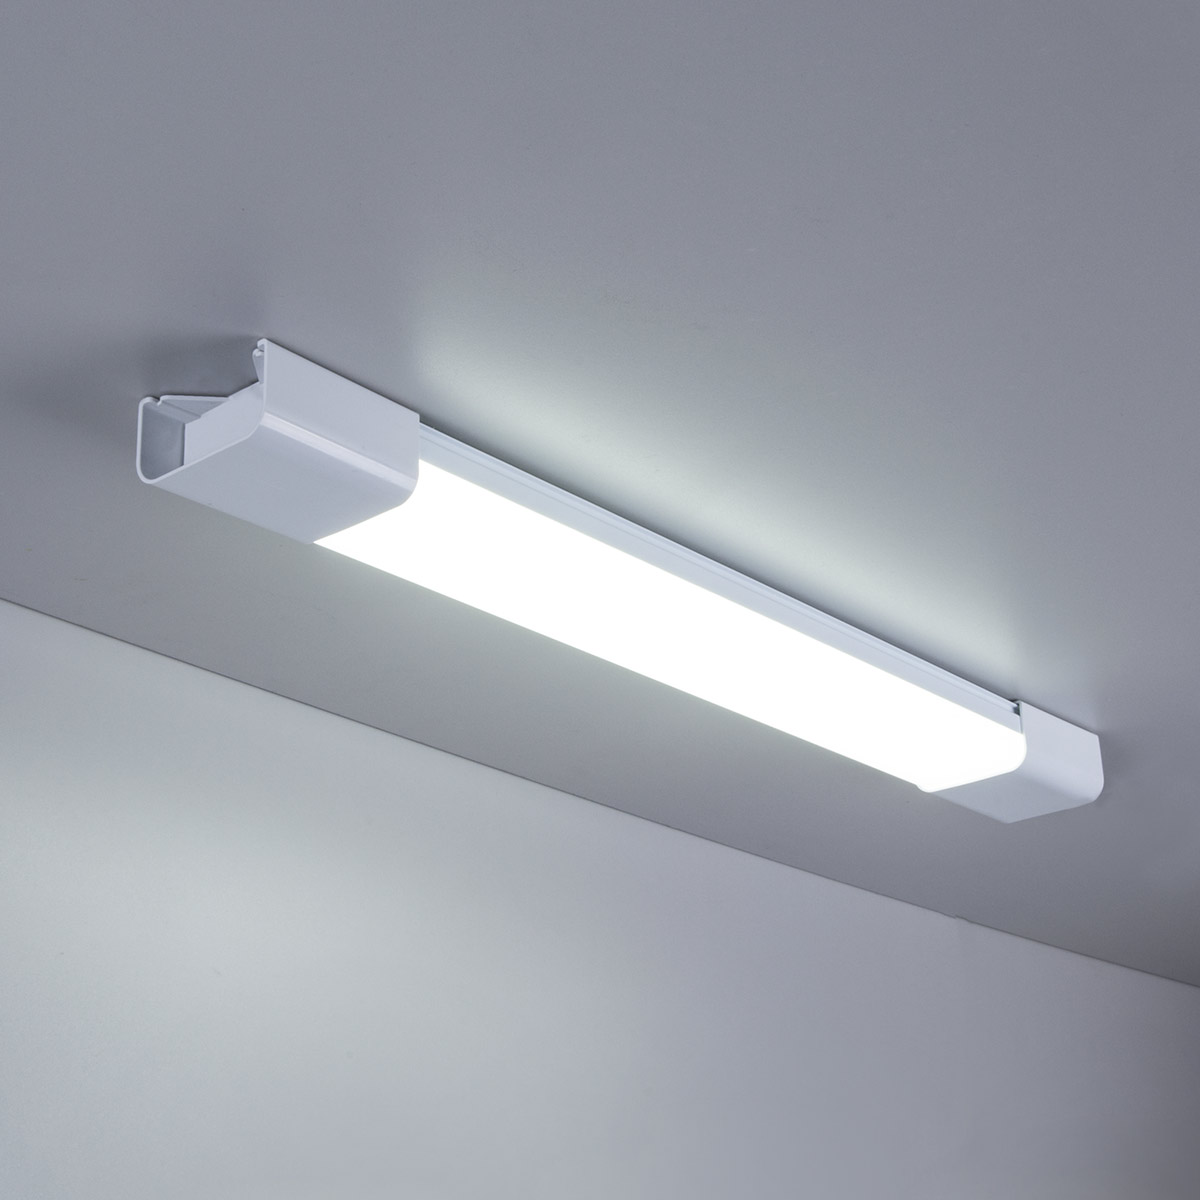 Пылевлагозащищенный светодиодный светильник 18Вт 60см LTB0201D 18W 6500K белый